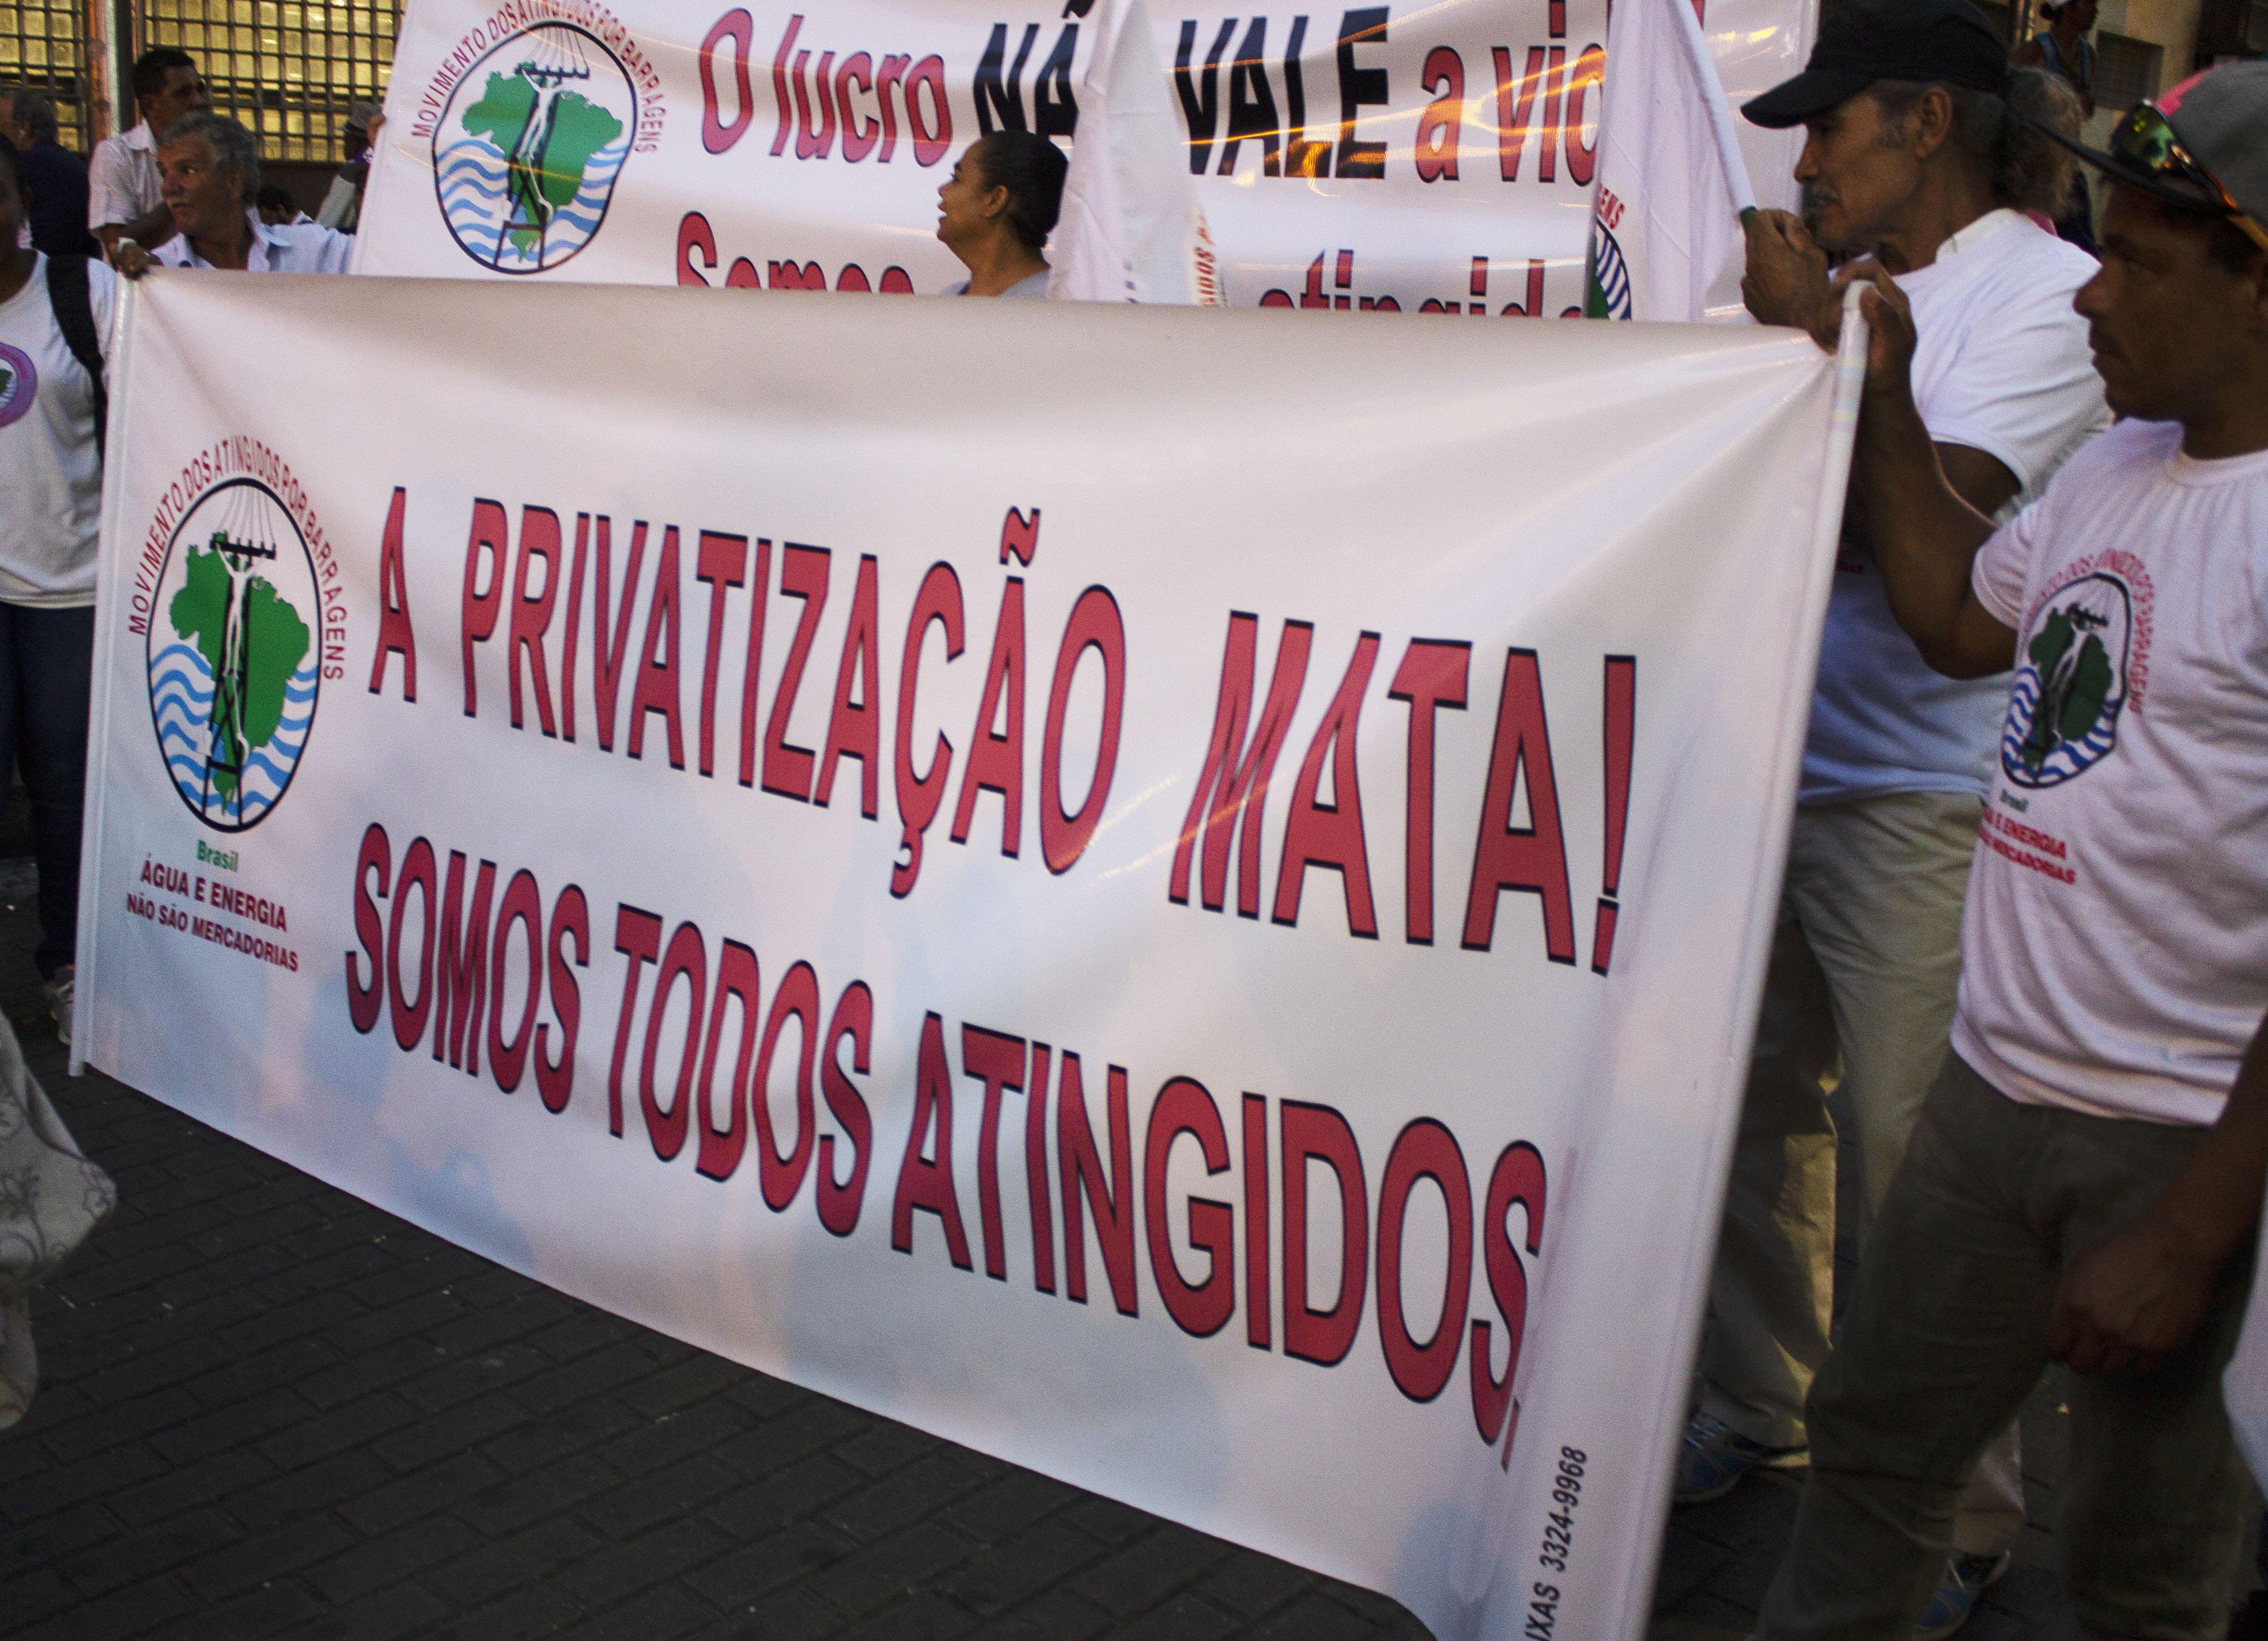 Não Esqueceremos: Atos em Minas Gerais marcam vitórias um mês após o desastre em Brumadinho